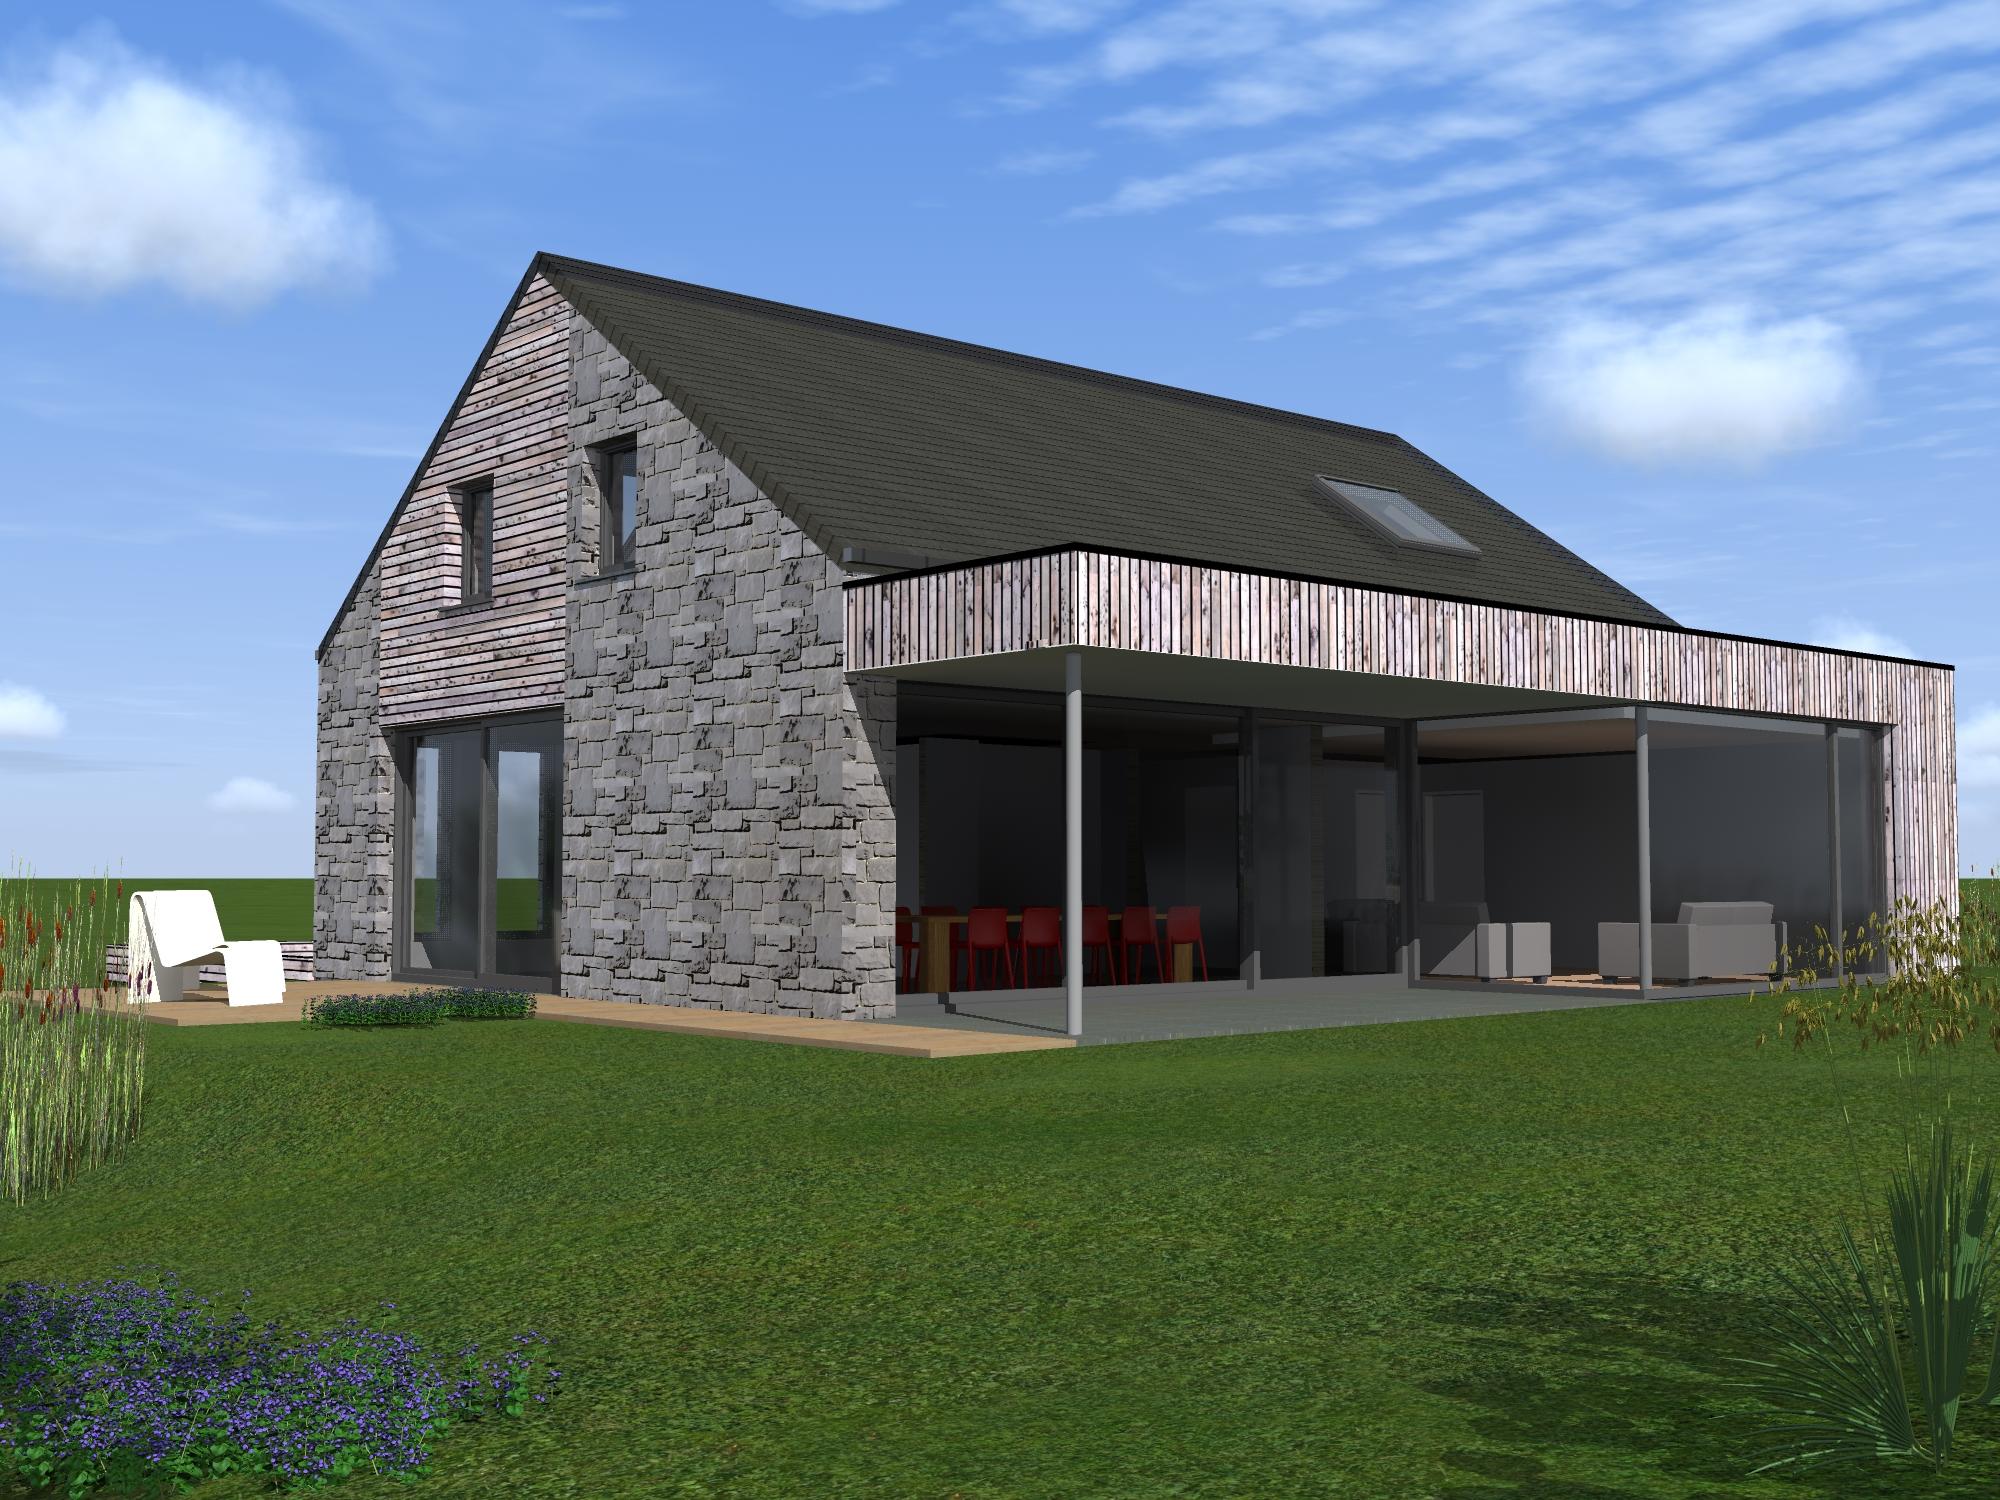 maison tl theux architecte tilkin 7 bureau d 39 architecture tilkin. Black Bedroom Furniture Sets. Home Design Ideas